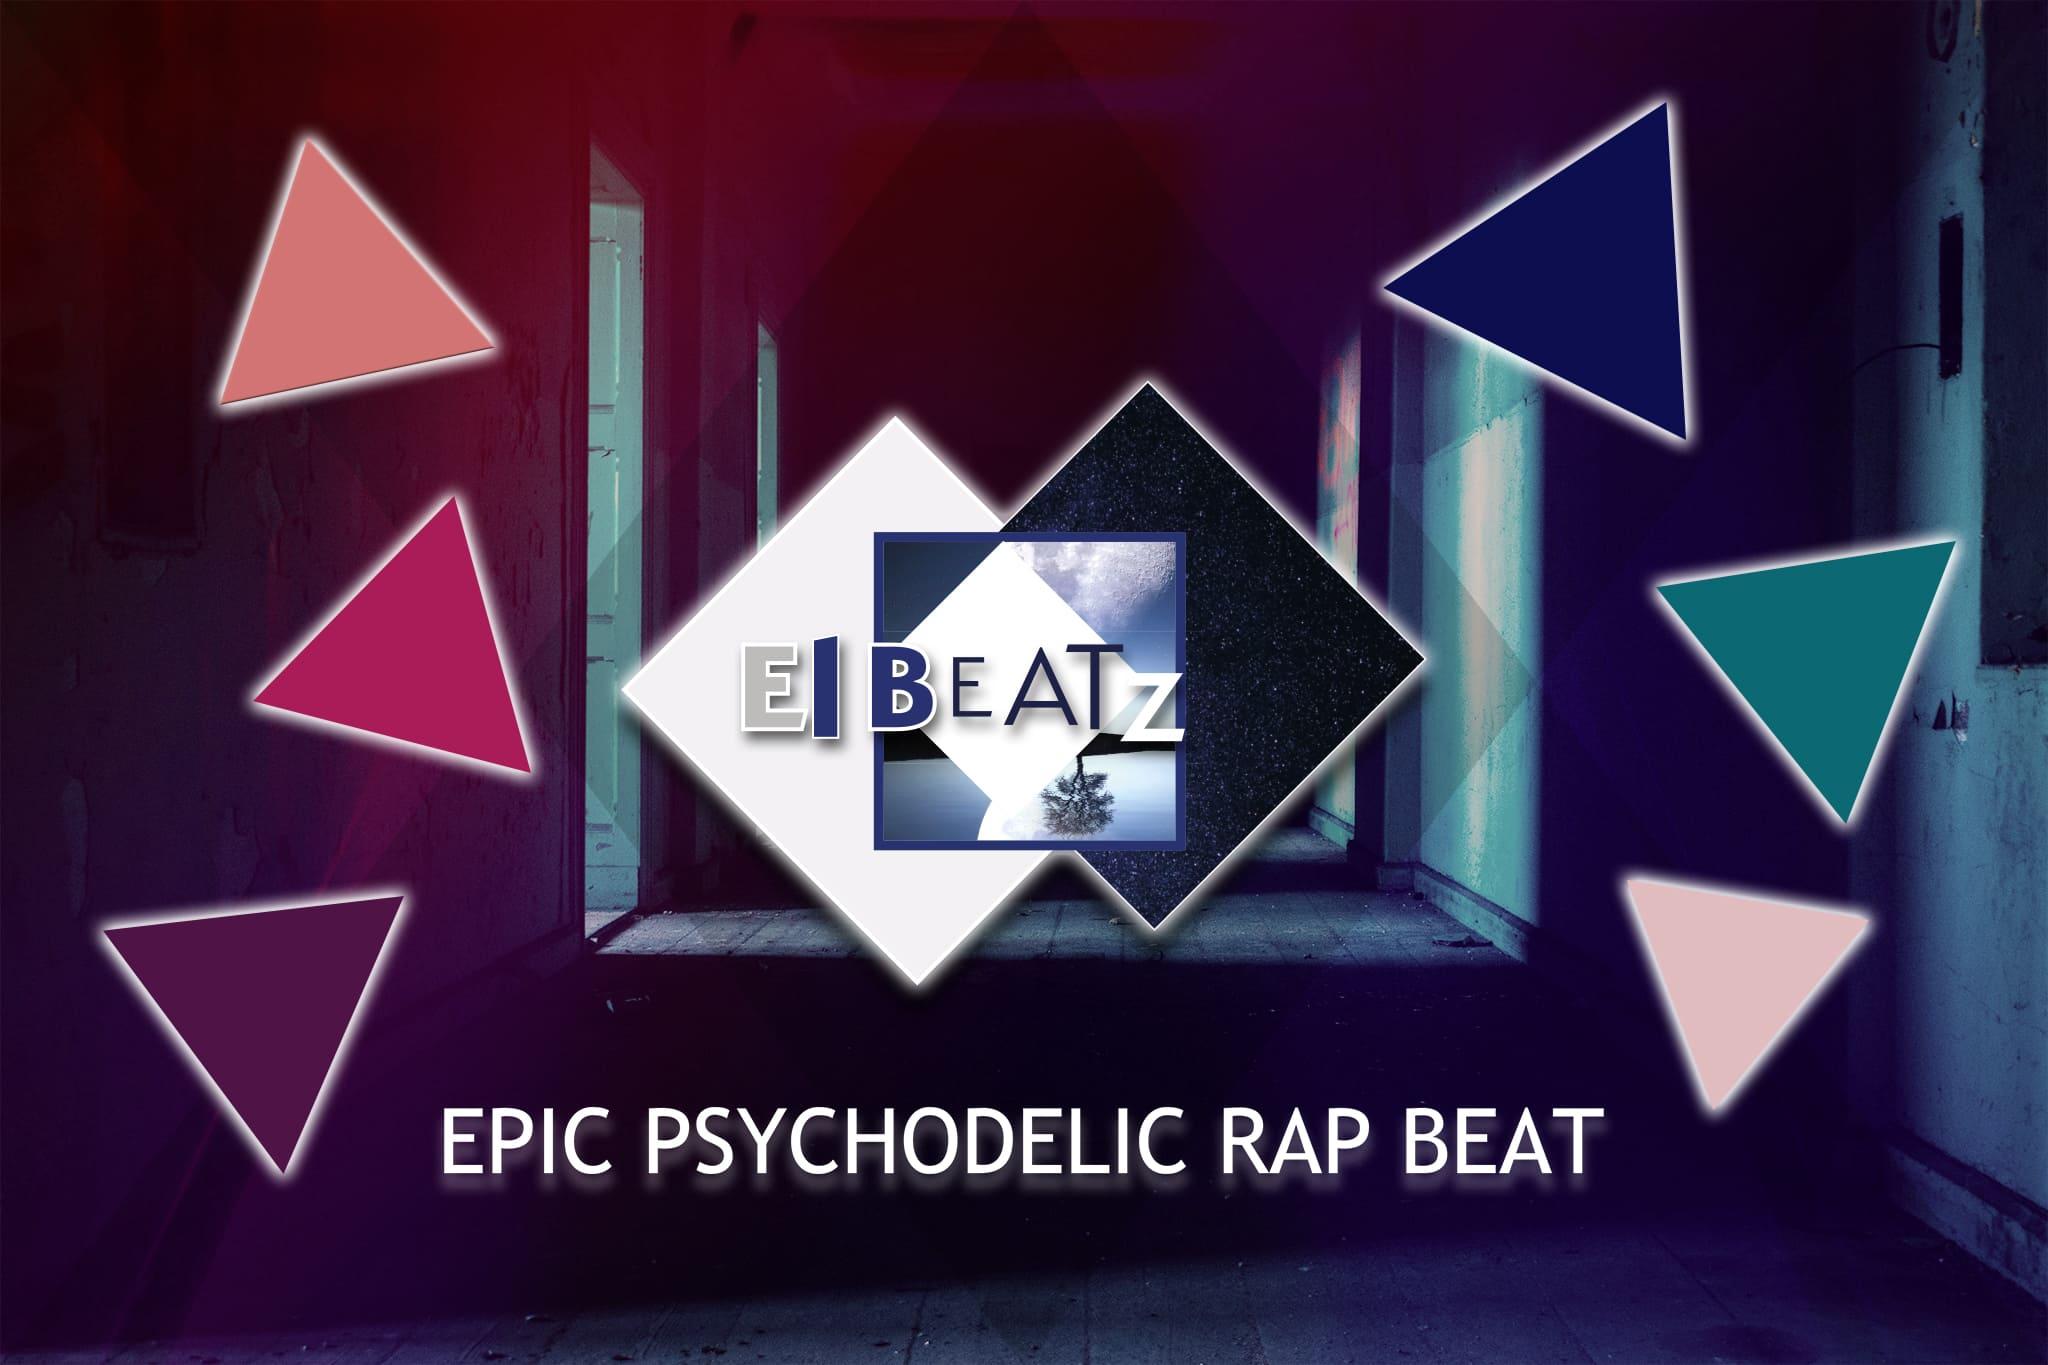 epic_psychedelic_rap_beat_90_00_bpm_el_beatz